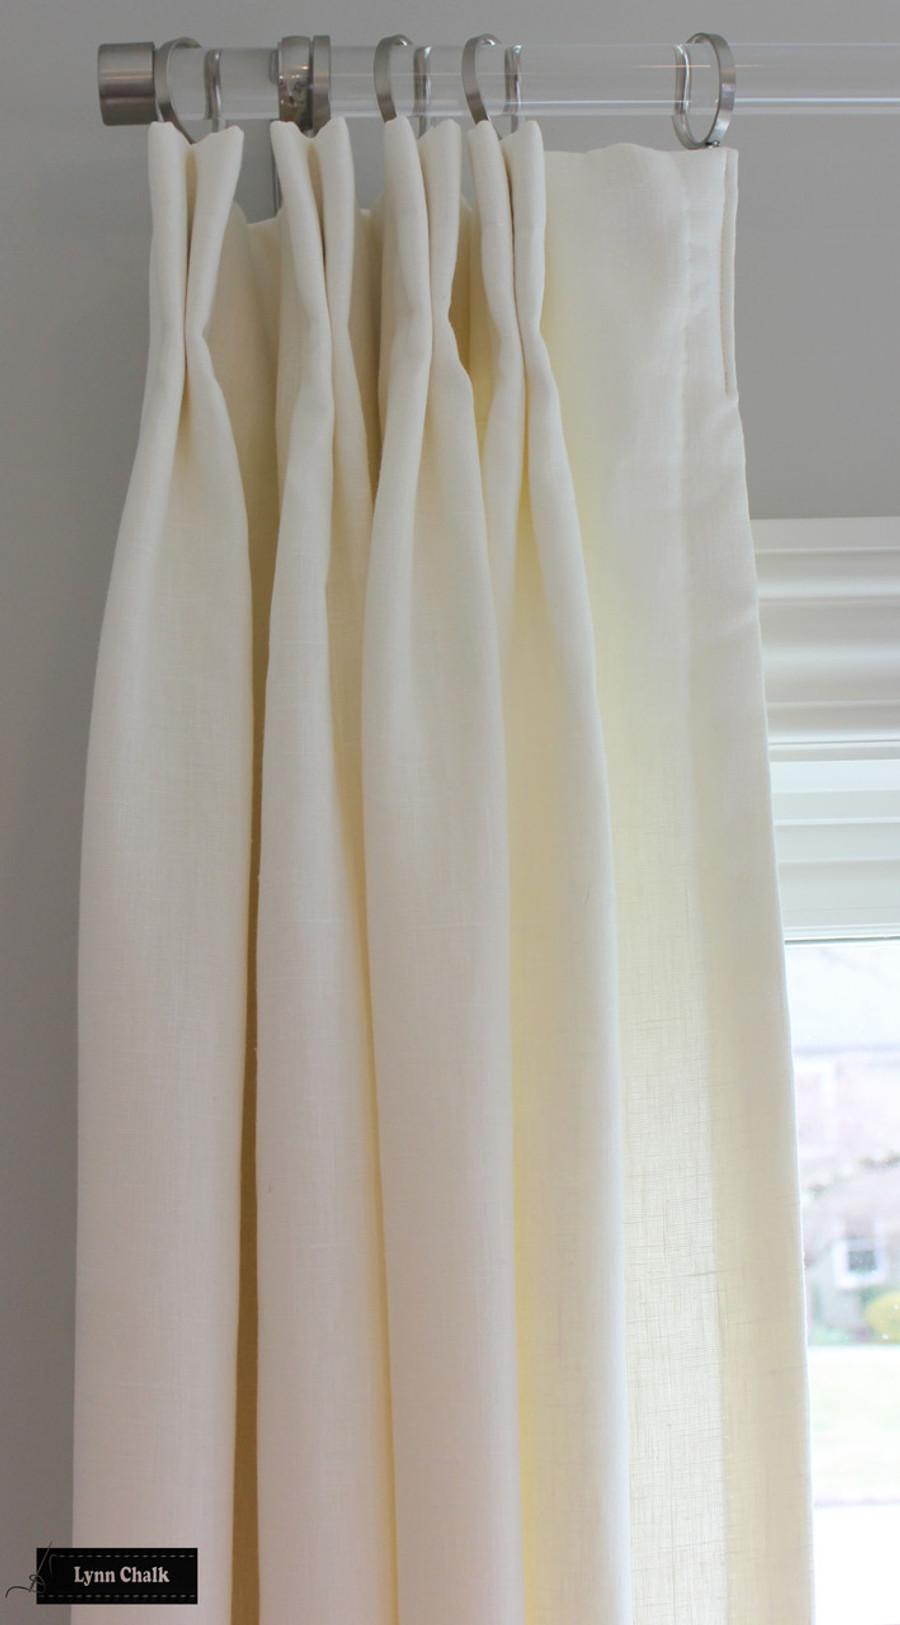 Drapes in Kravet Linen in Bleach